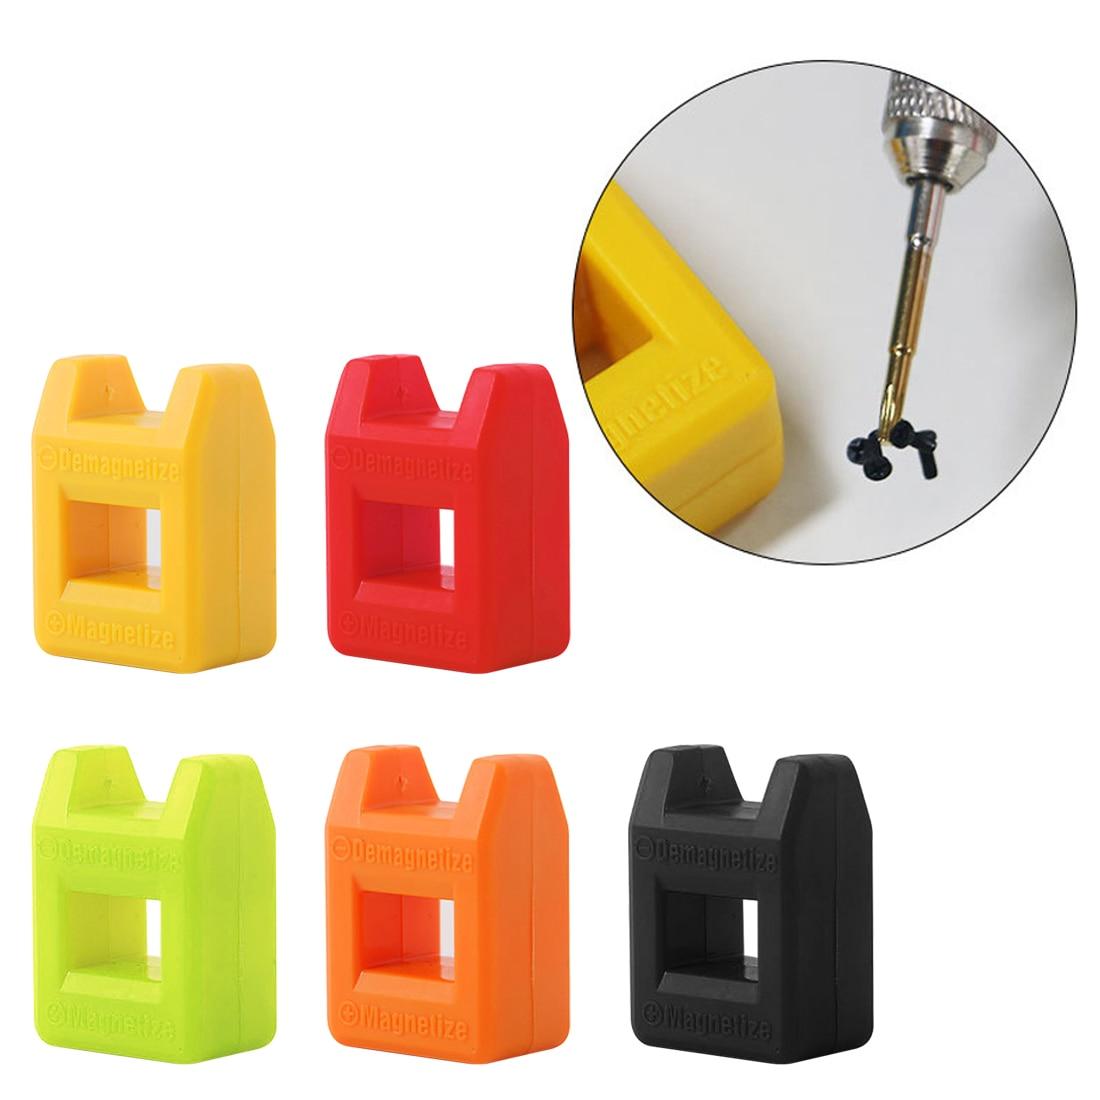 Screwdriver Strong Degausser Magnetizer Batch Head Magnetizer Plum Blossom Word Screwdriver Demagnetizer Random Color